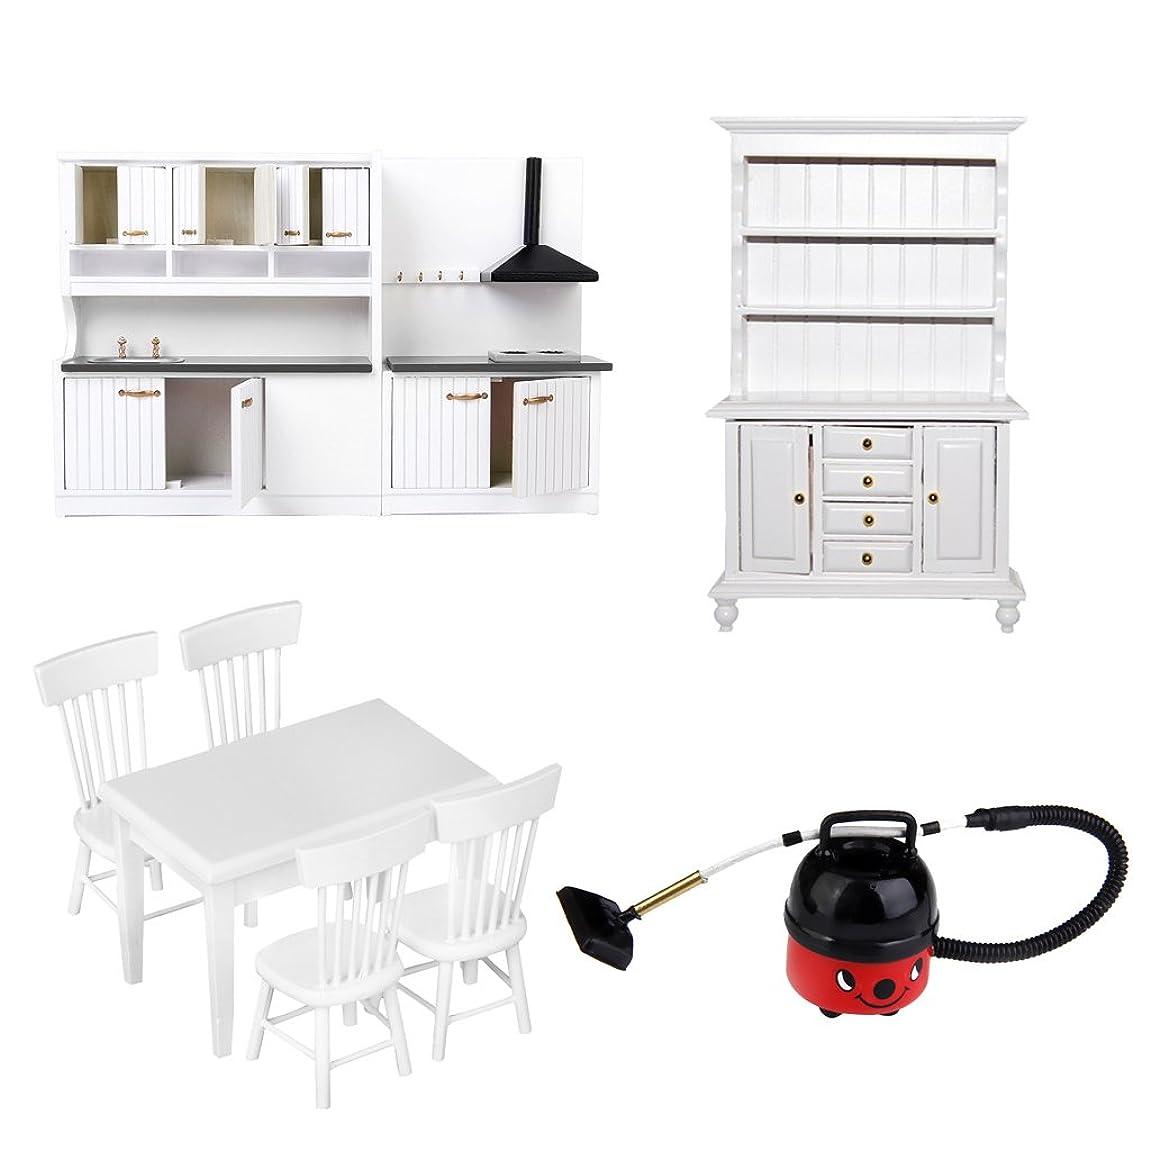 アルプスシェルセンブランスSM SunniMix キッチン 家具モデル キャビネット テーブル チェア 本棚 1/12ドールハウス 飾り 木製